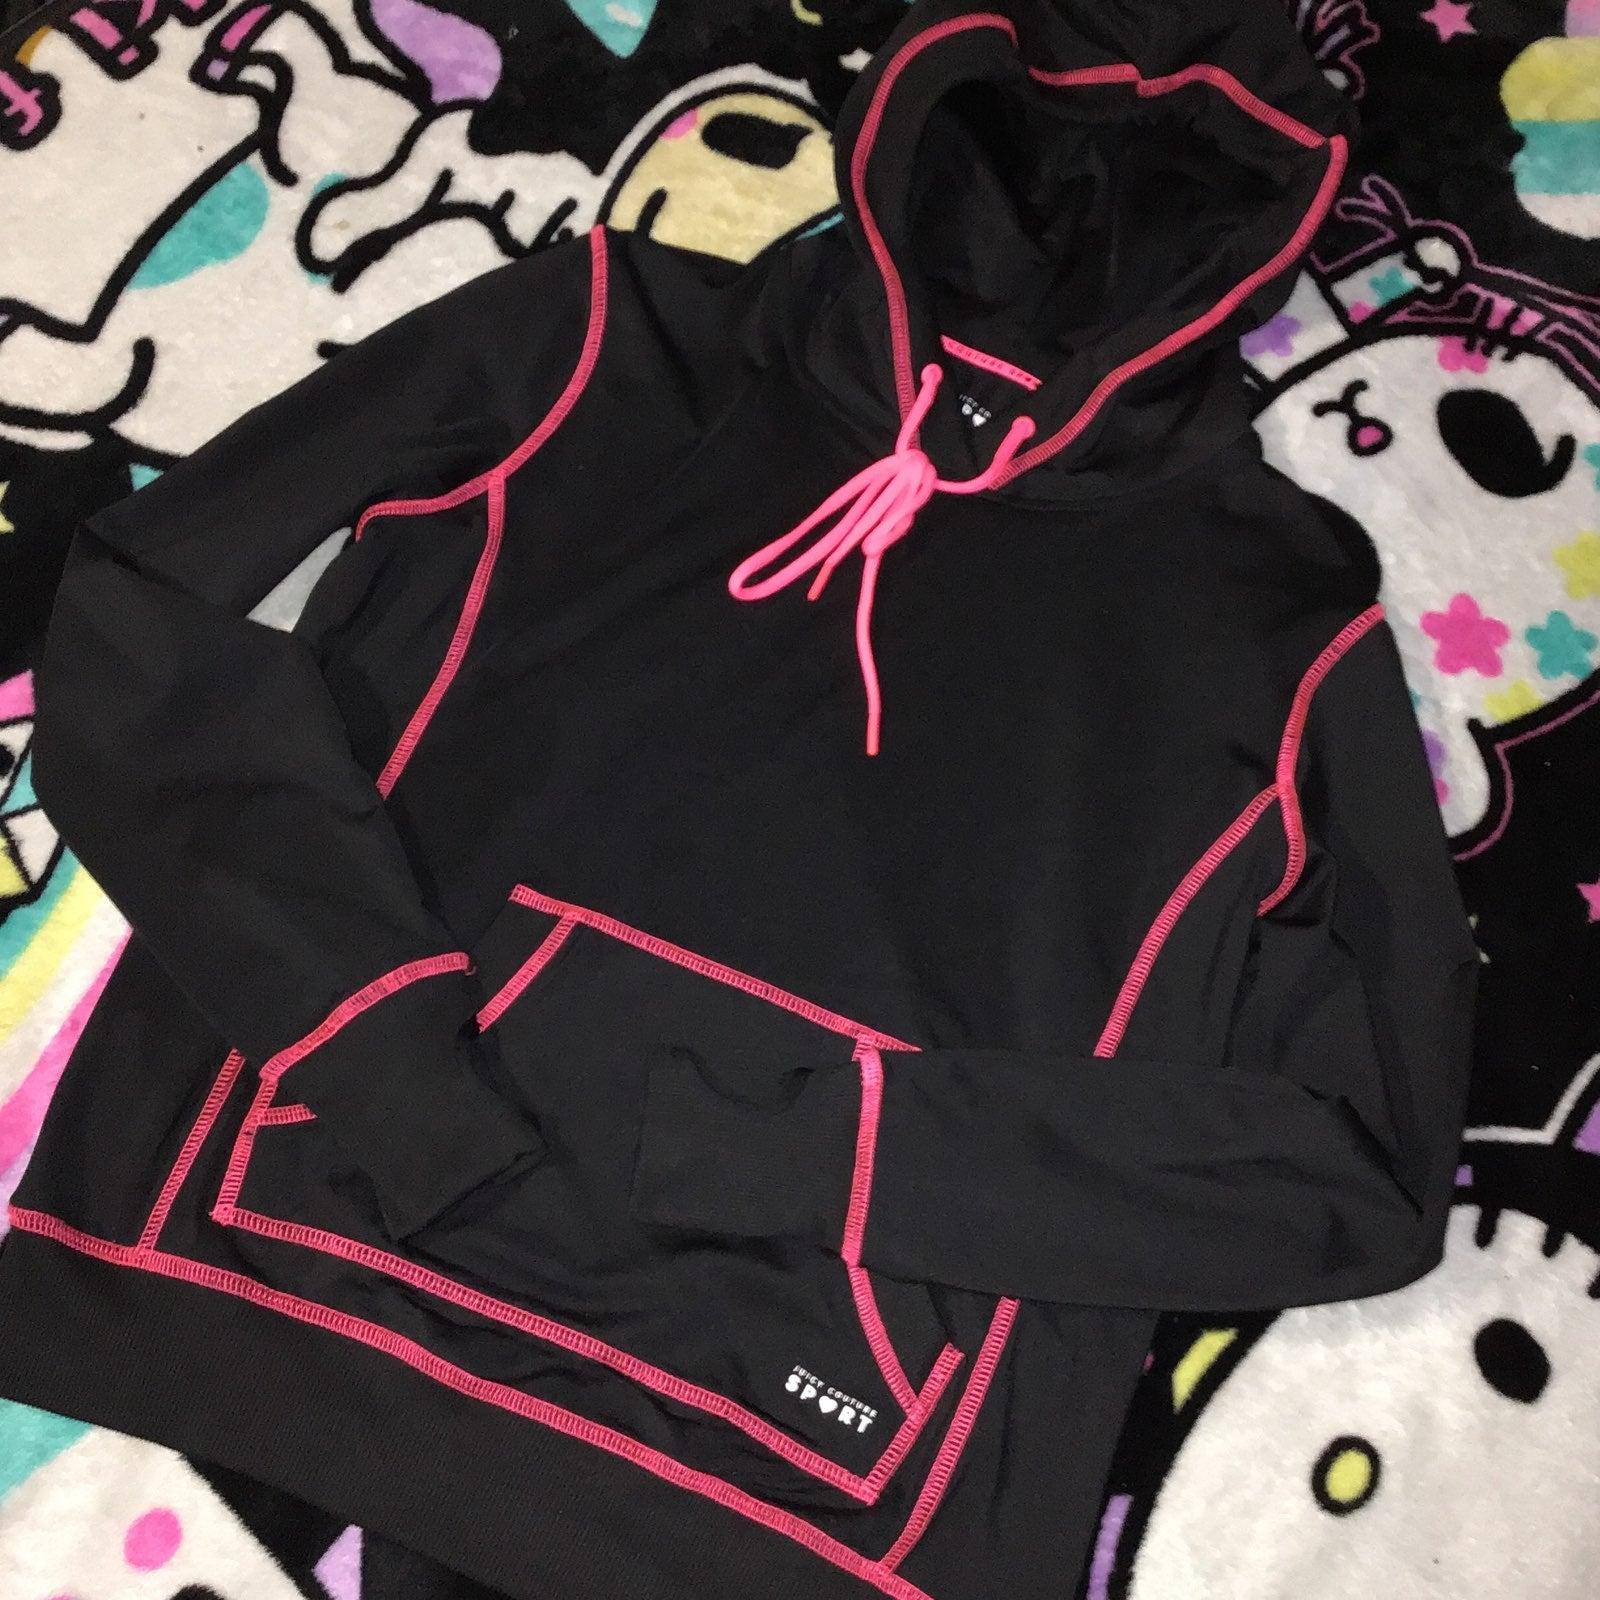 Juicy couture sport black hoodie